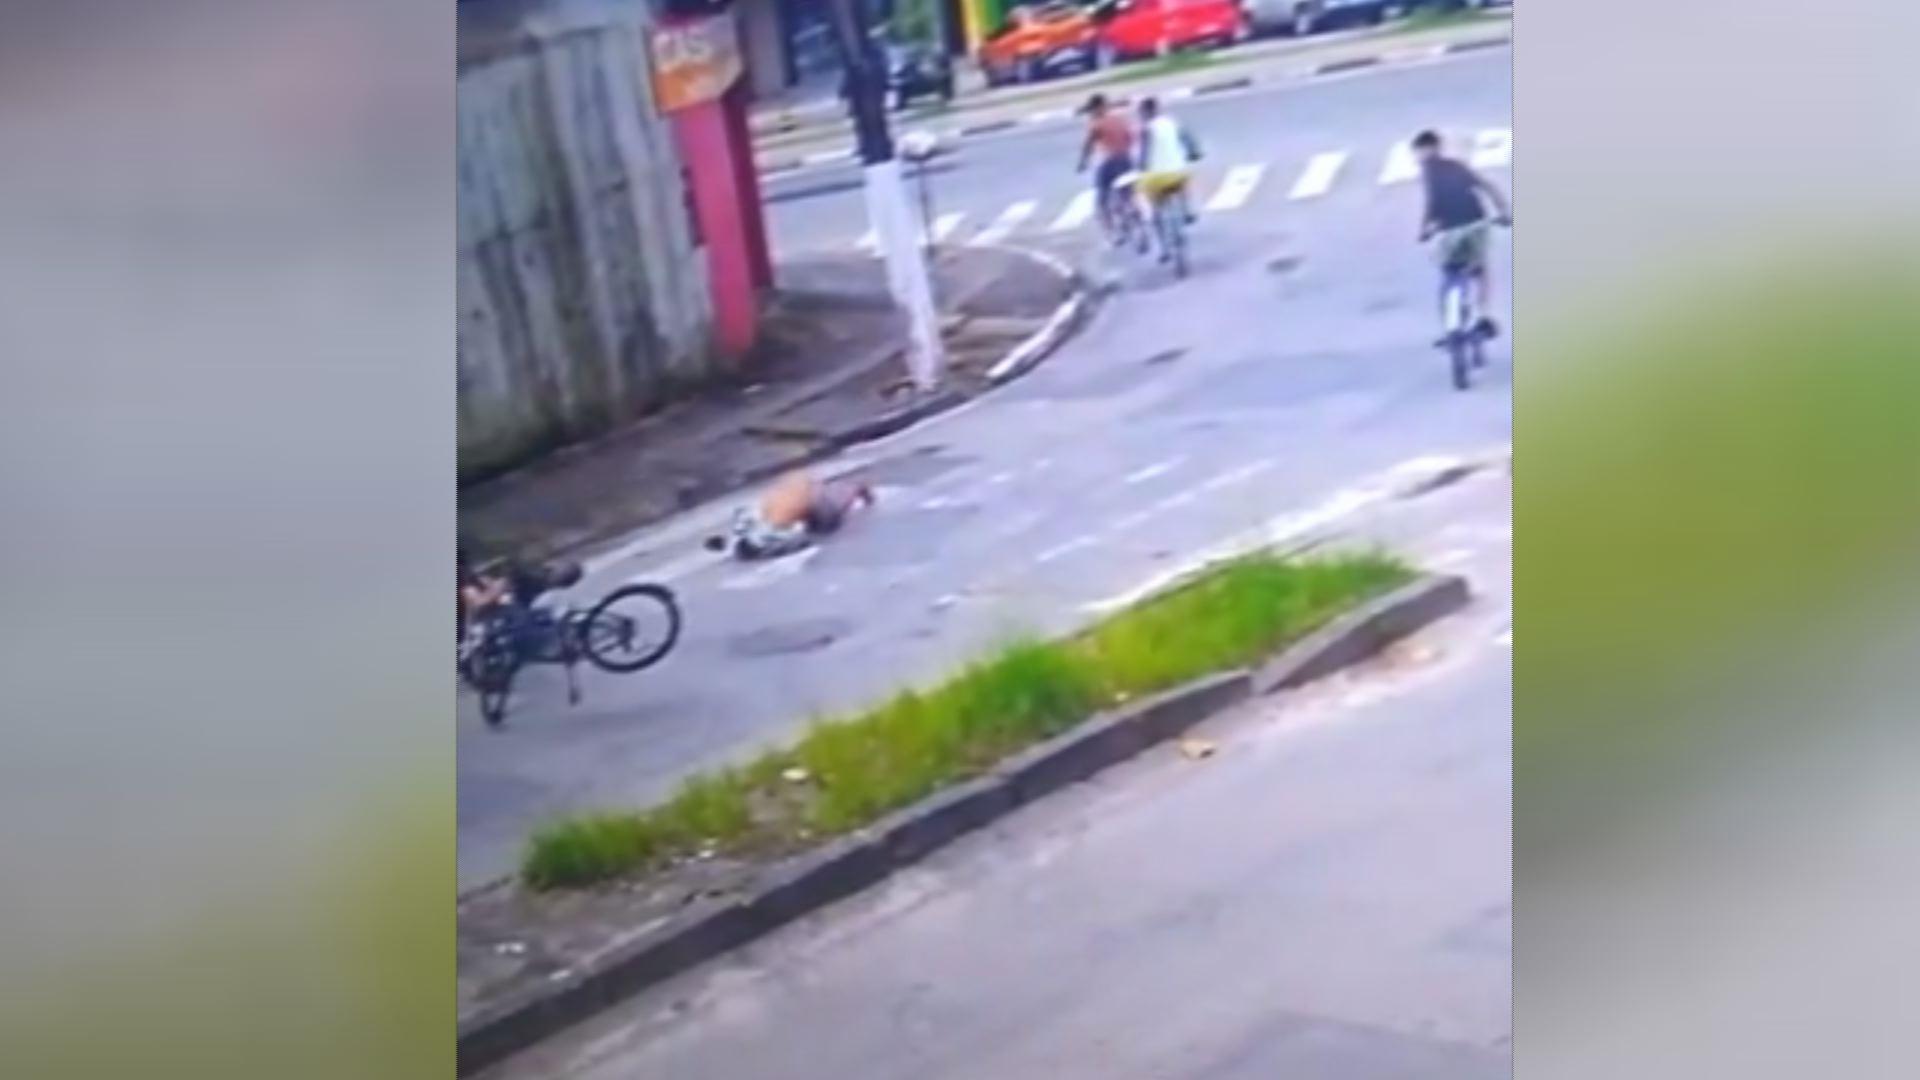 Jovem diz que achou que 'morreria' ao ser arremessado por moto em SP; VÍDEO